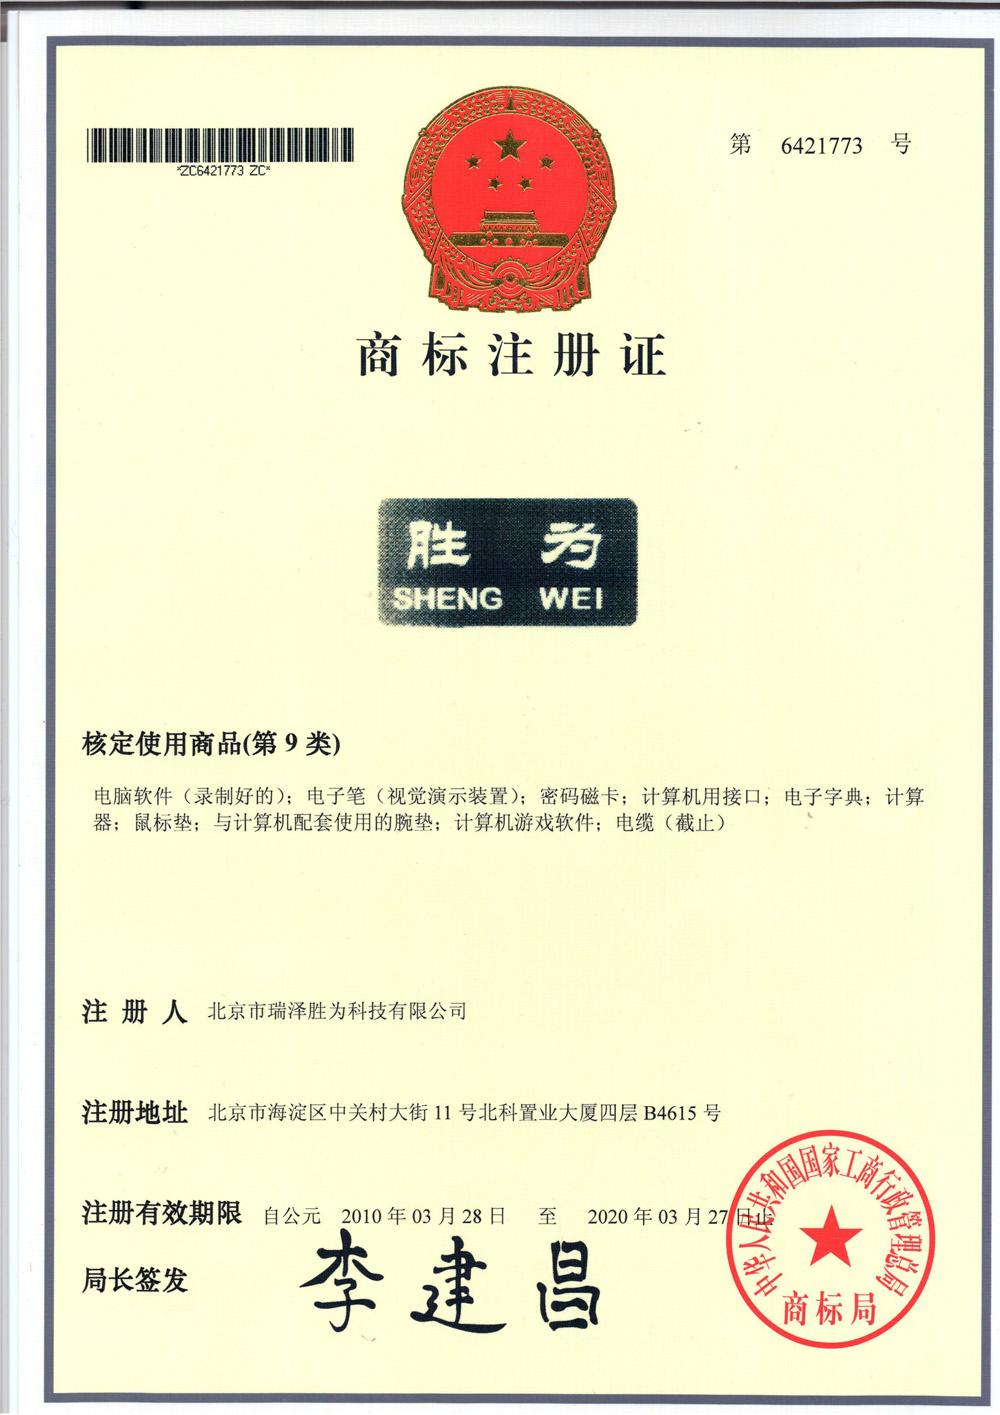 胜为荣誉—商标注册